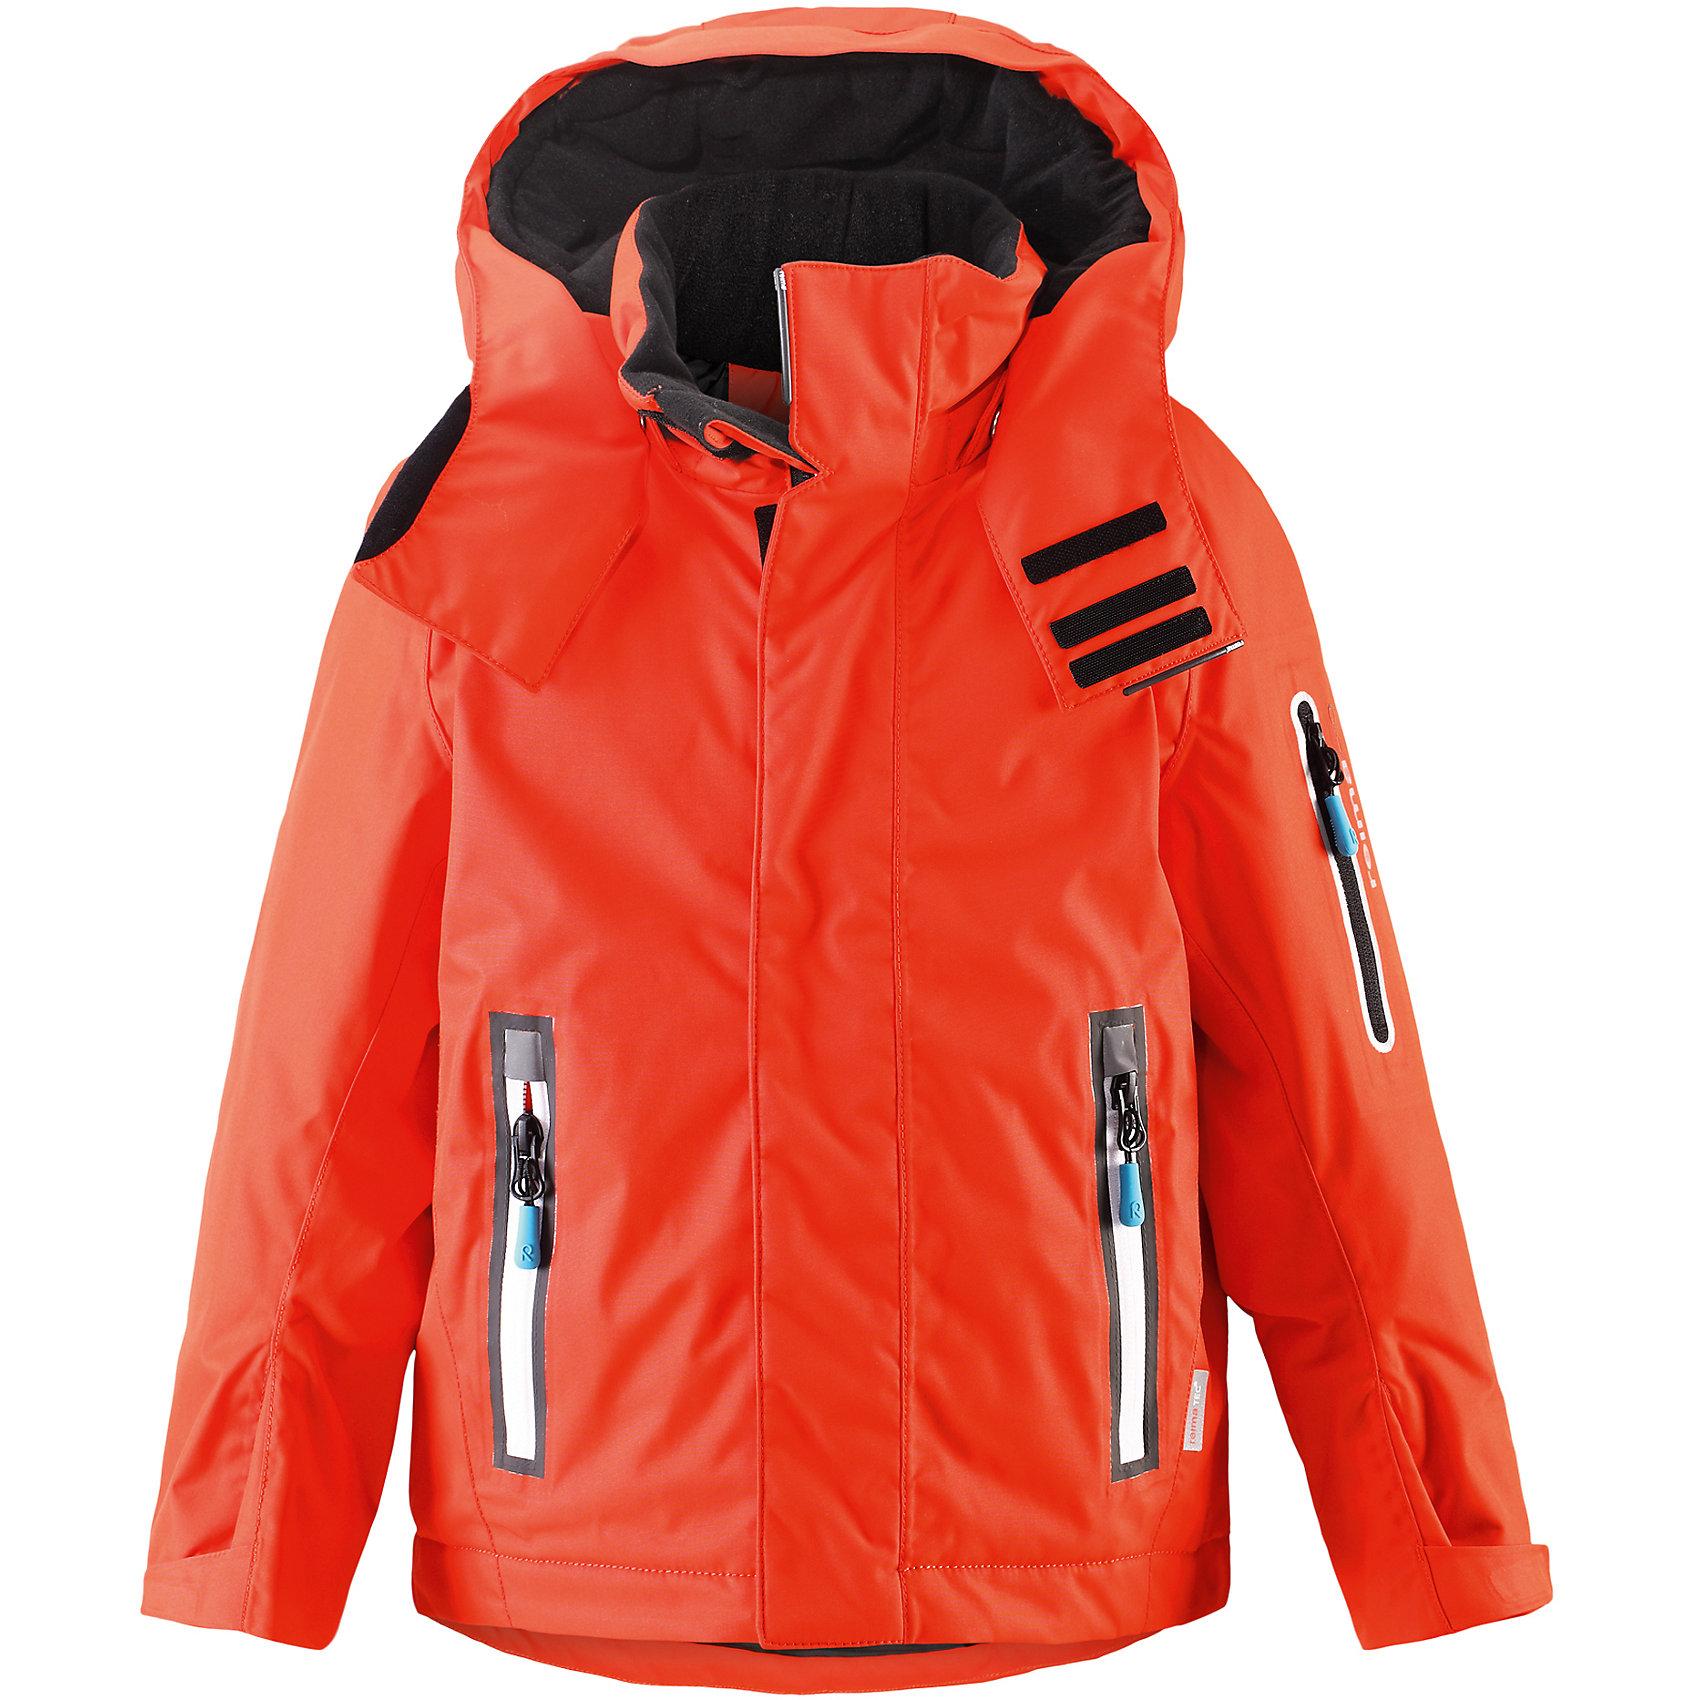 Куртка Regor Reimatec® ReimaОдежда<br>Зимняя куртка для детей. Все швы проклеены и водонепроницаемы. Водо- и ветронепроницаемый «дышащий» материал. Гладкая подкладка из полиэстра. Безопасный, отстегивающийся и регулируемый капюшон. Регулируемые манжеты и внутренние манжеты из лайкры. Регулируемый подол, снегозащитный манжет на талии. Новая усовершенствованная молния — больше не застревает! Карман для очков и внутренний нагрудный карман. Карманы на молнии. Карман на рукаве с пластинчатым разъемом для датчика ReimaGO® .<br>Состав:<br>100% ПЭ, ПУ-покрытие<br><br>Ширина мм: 356<br>Глубина мм: 10<br>Высота мм: 245<br>Вес г: 519<br>Цвет: красный<br>Возраст от месяцев: 24<br>Возраст до месяцев: 36<br>Пол: Унисекс<br>Возраст: Детский<br>Размер: 98,110,104<br>SKU: 5309388